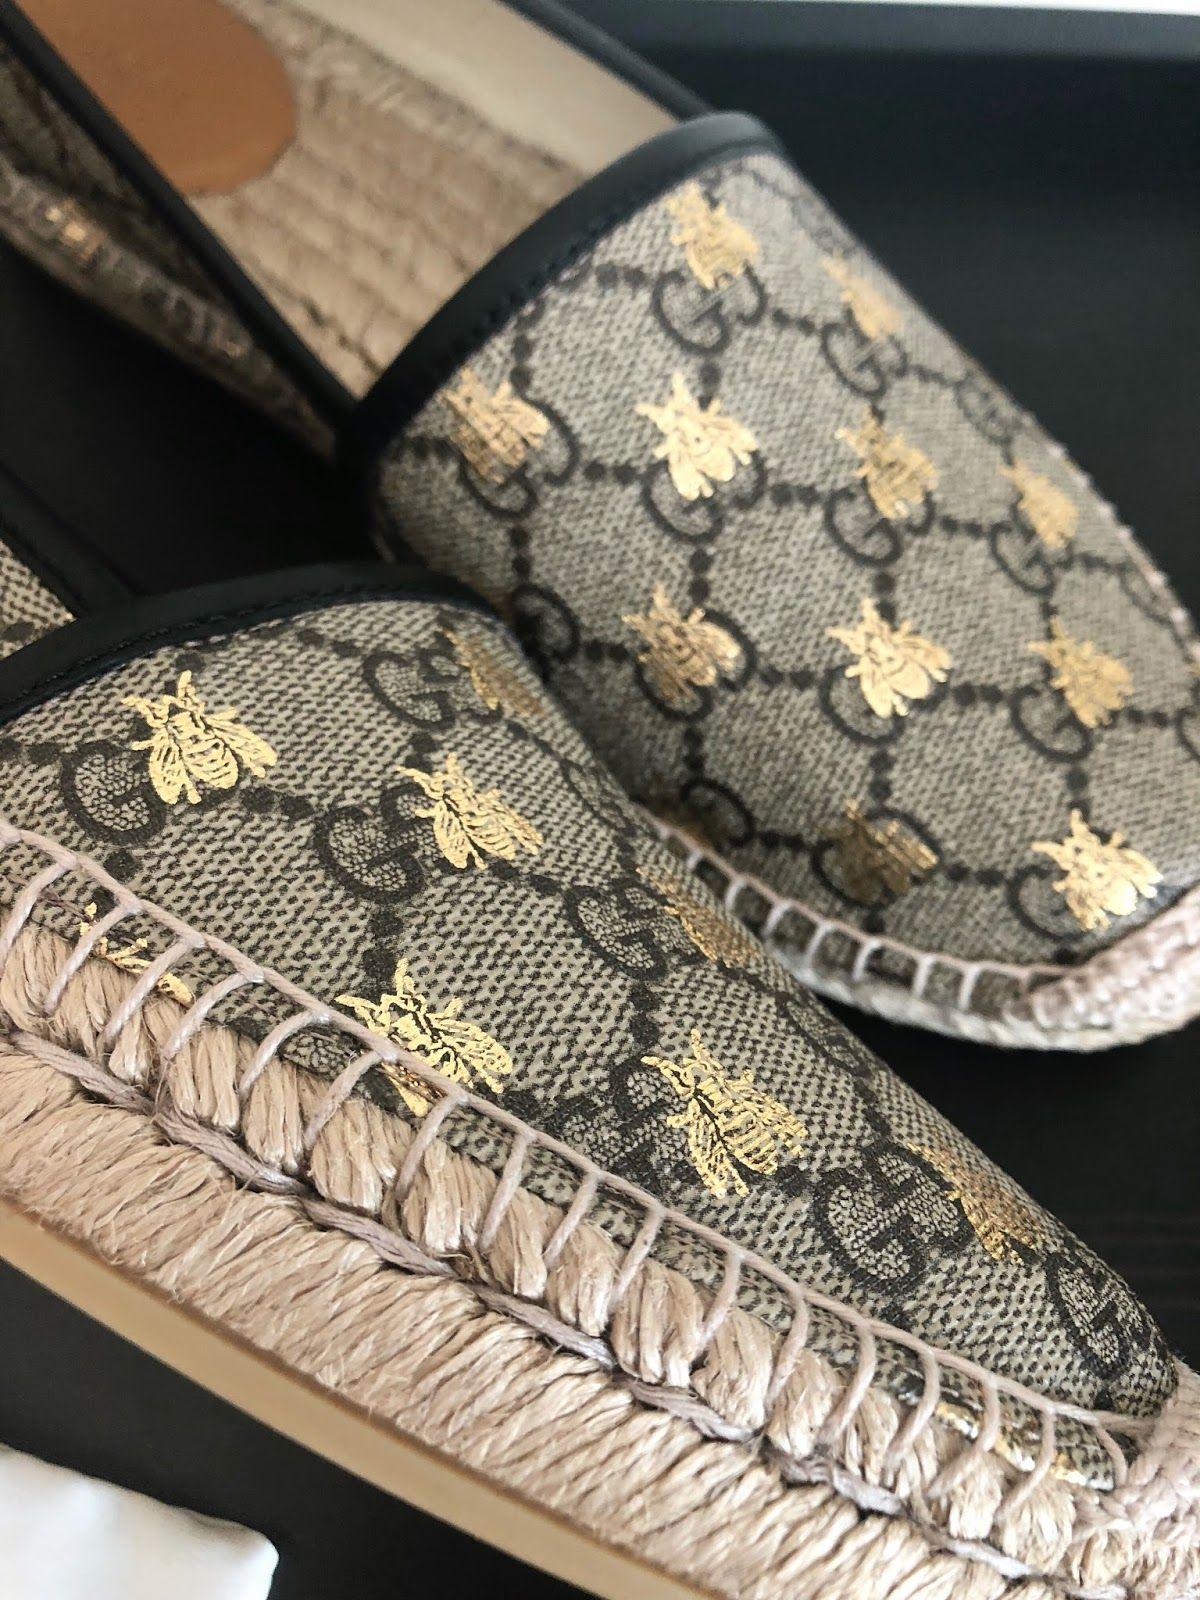 727f0b1f Gucci Bee Espadrilles | Espadriles